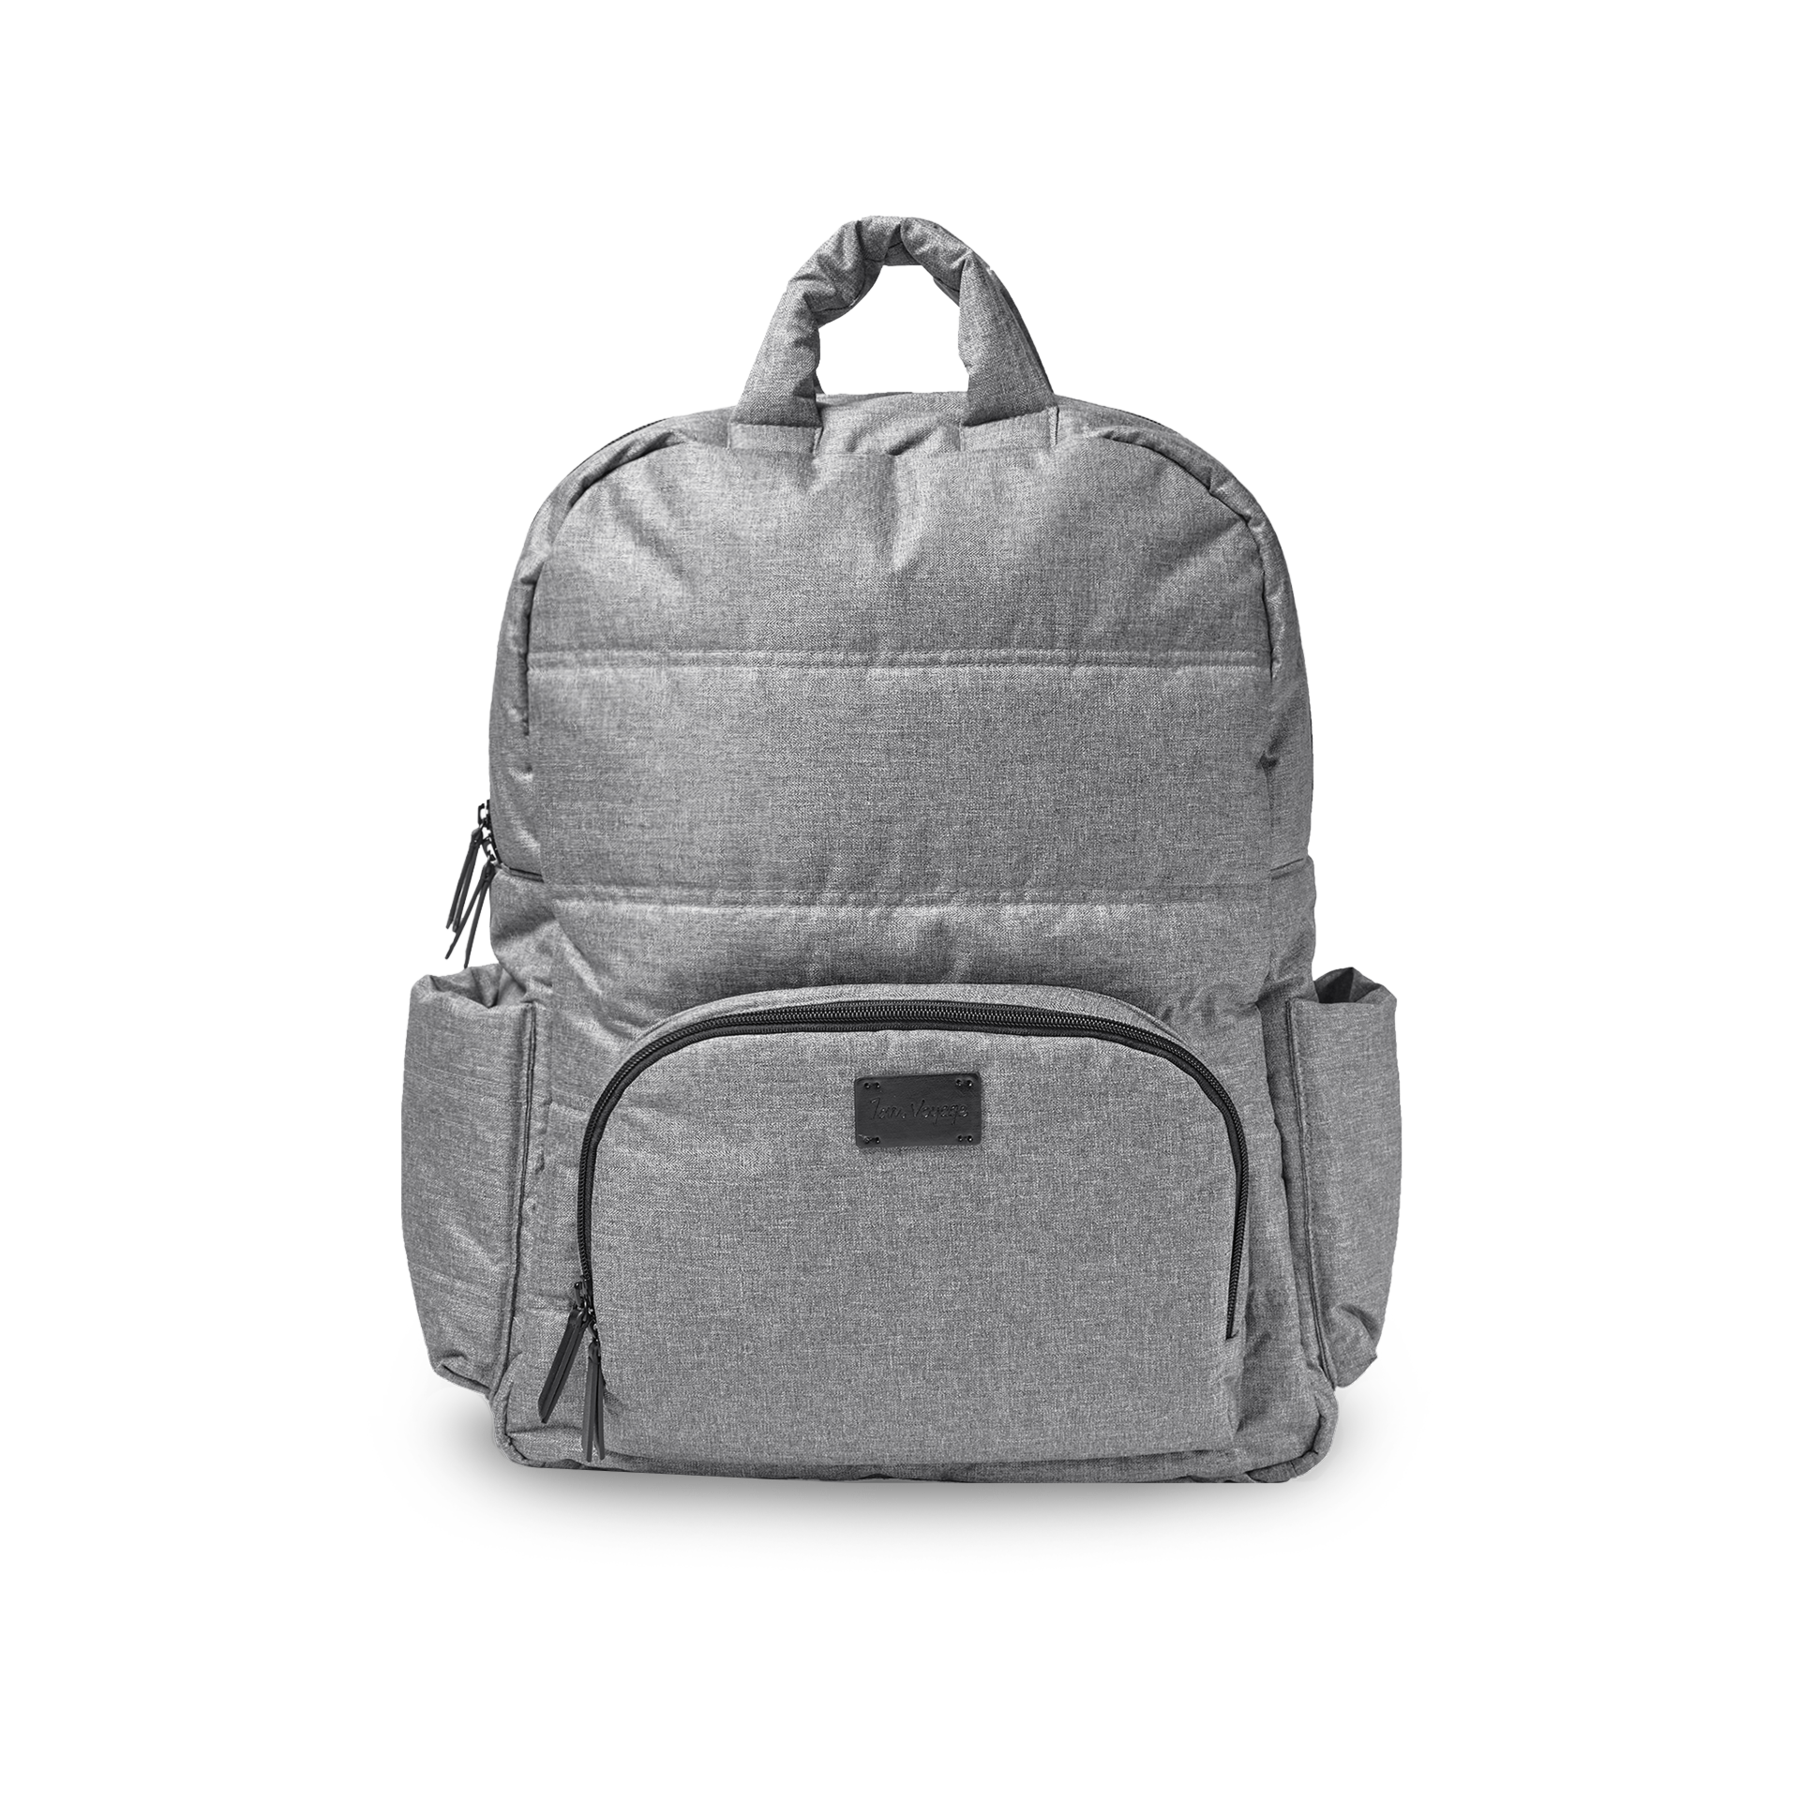 7AM - Plecak BK718 BackPack Heather Grey